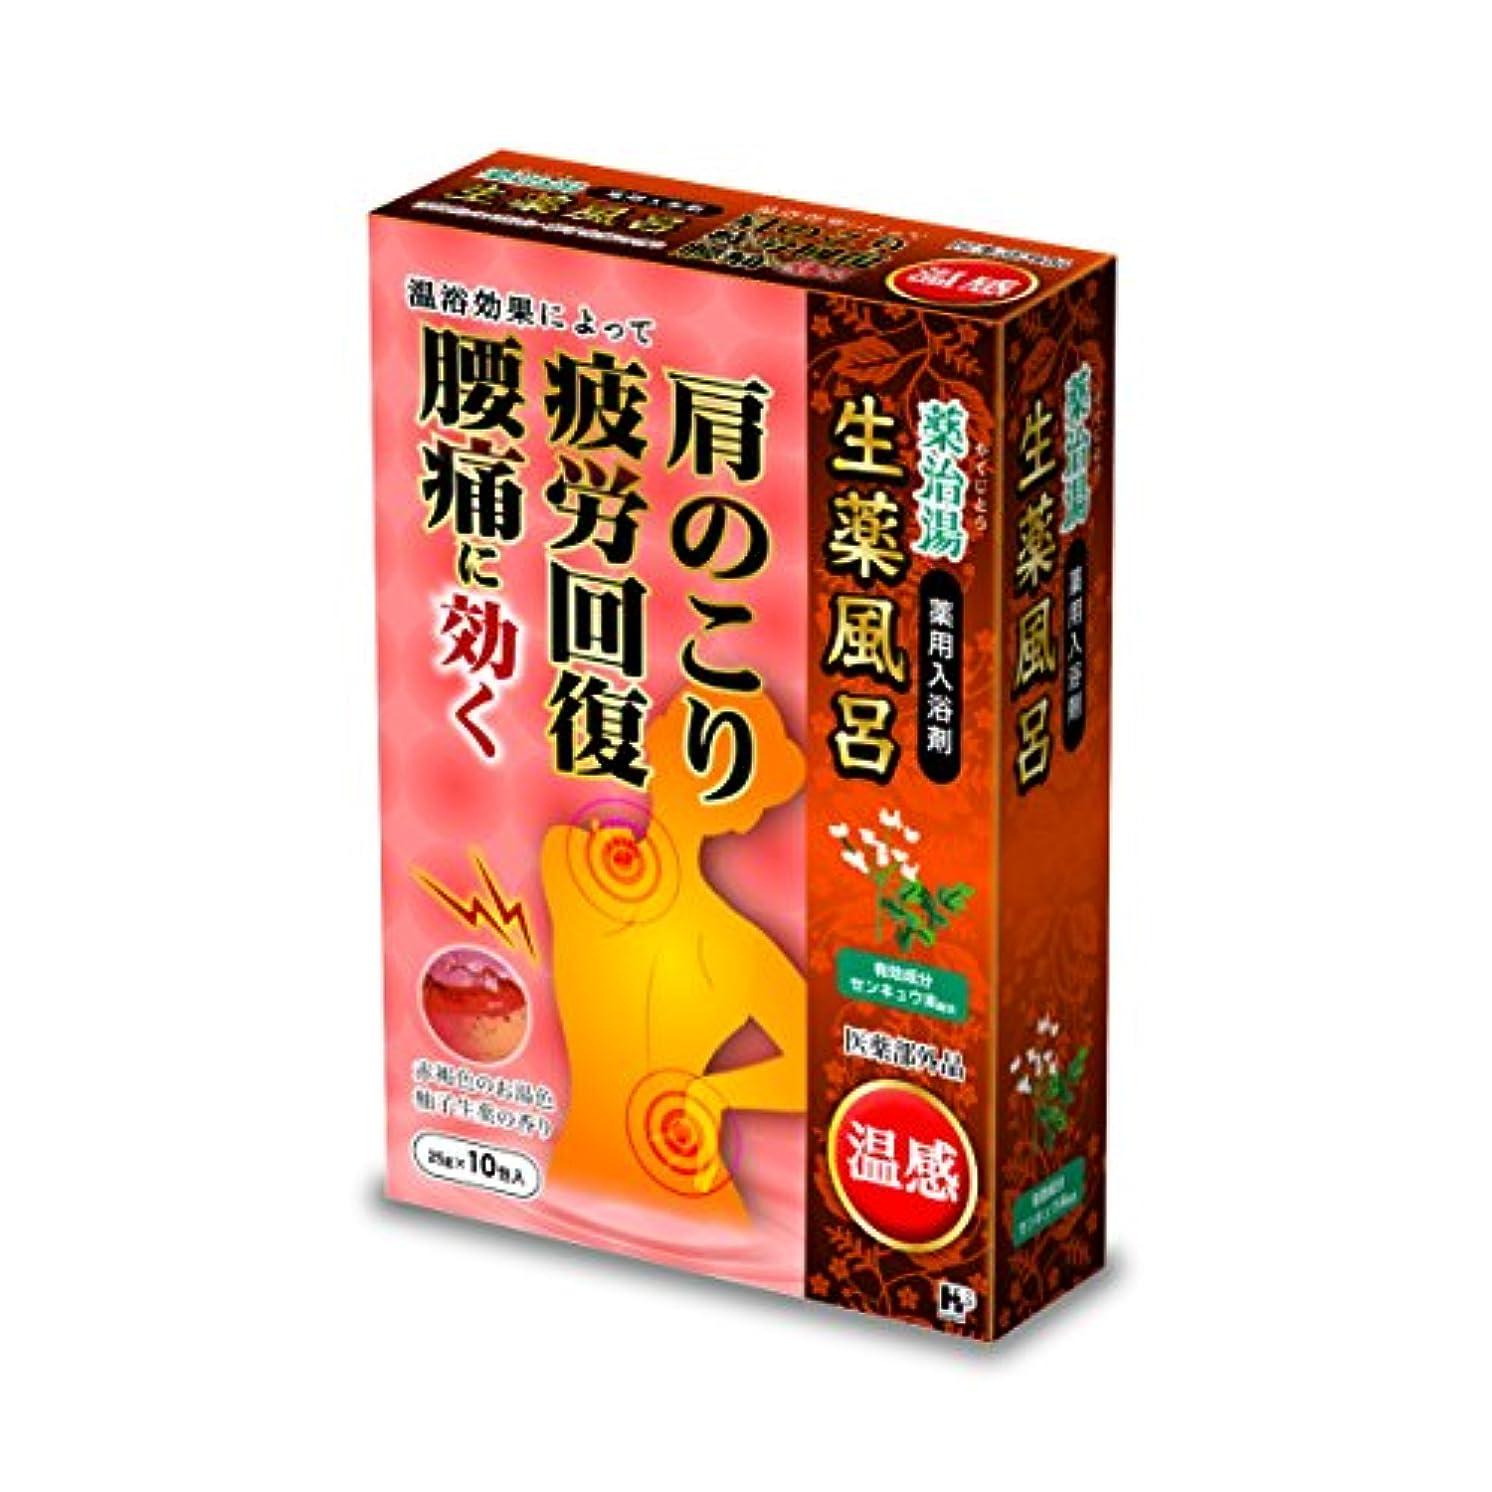 本会議別に遺跡薬治湯温感 柚子生薬の香り